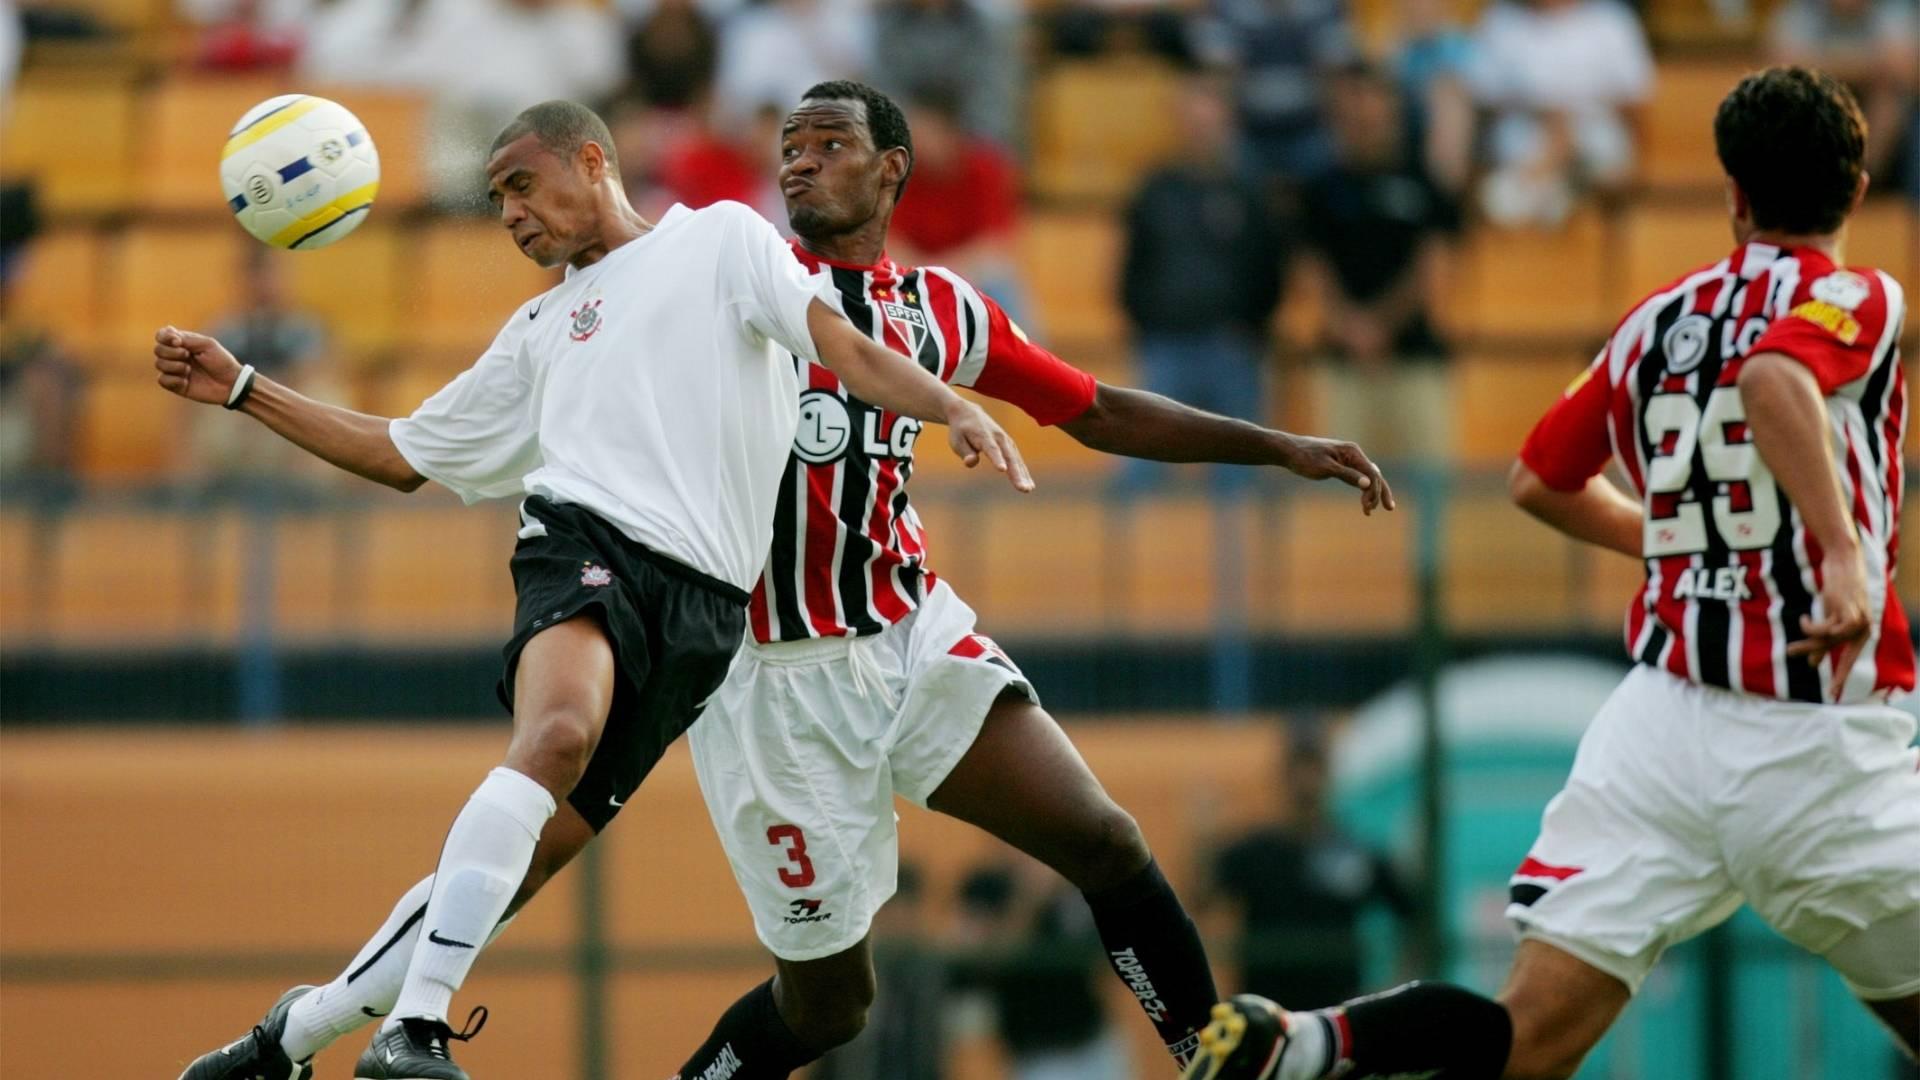 Gil disputa bola com Fabão durante clássico entre Corinthians e São Paulo pelo Brasileiro de 2005